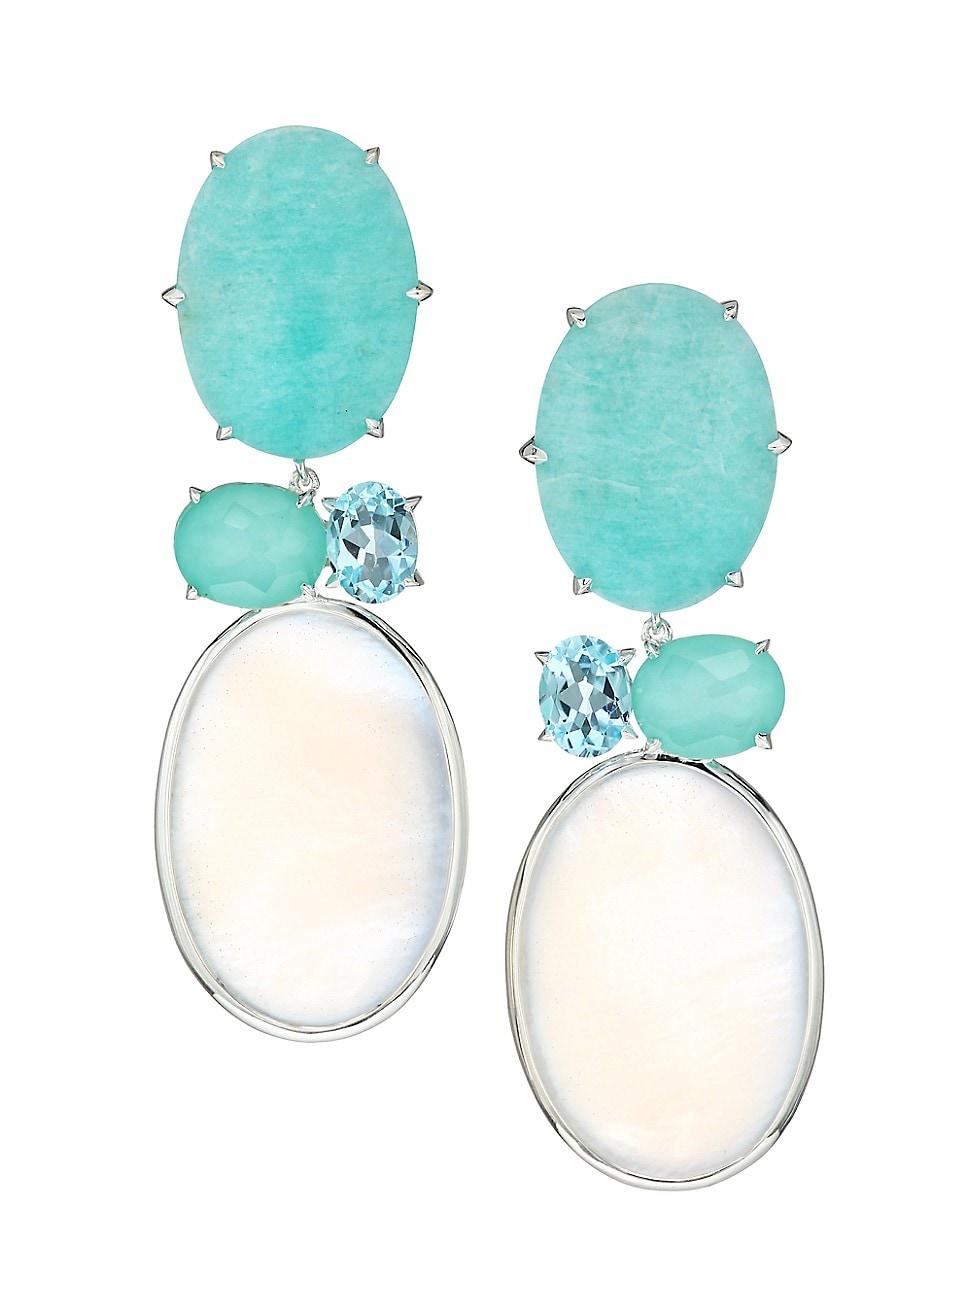 Ippolita Earrings WOMEN'S 925 ROCK CANDY® LUCE CASCATA 4-STONE DROP EARRINGS